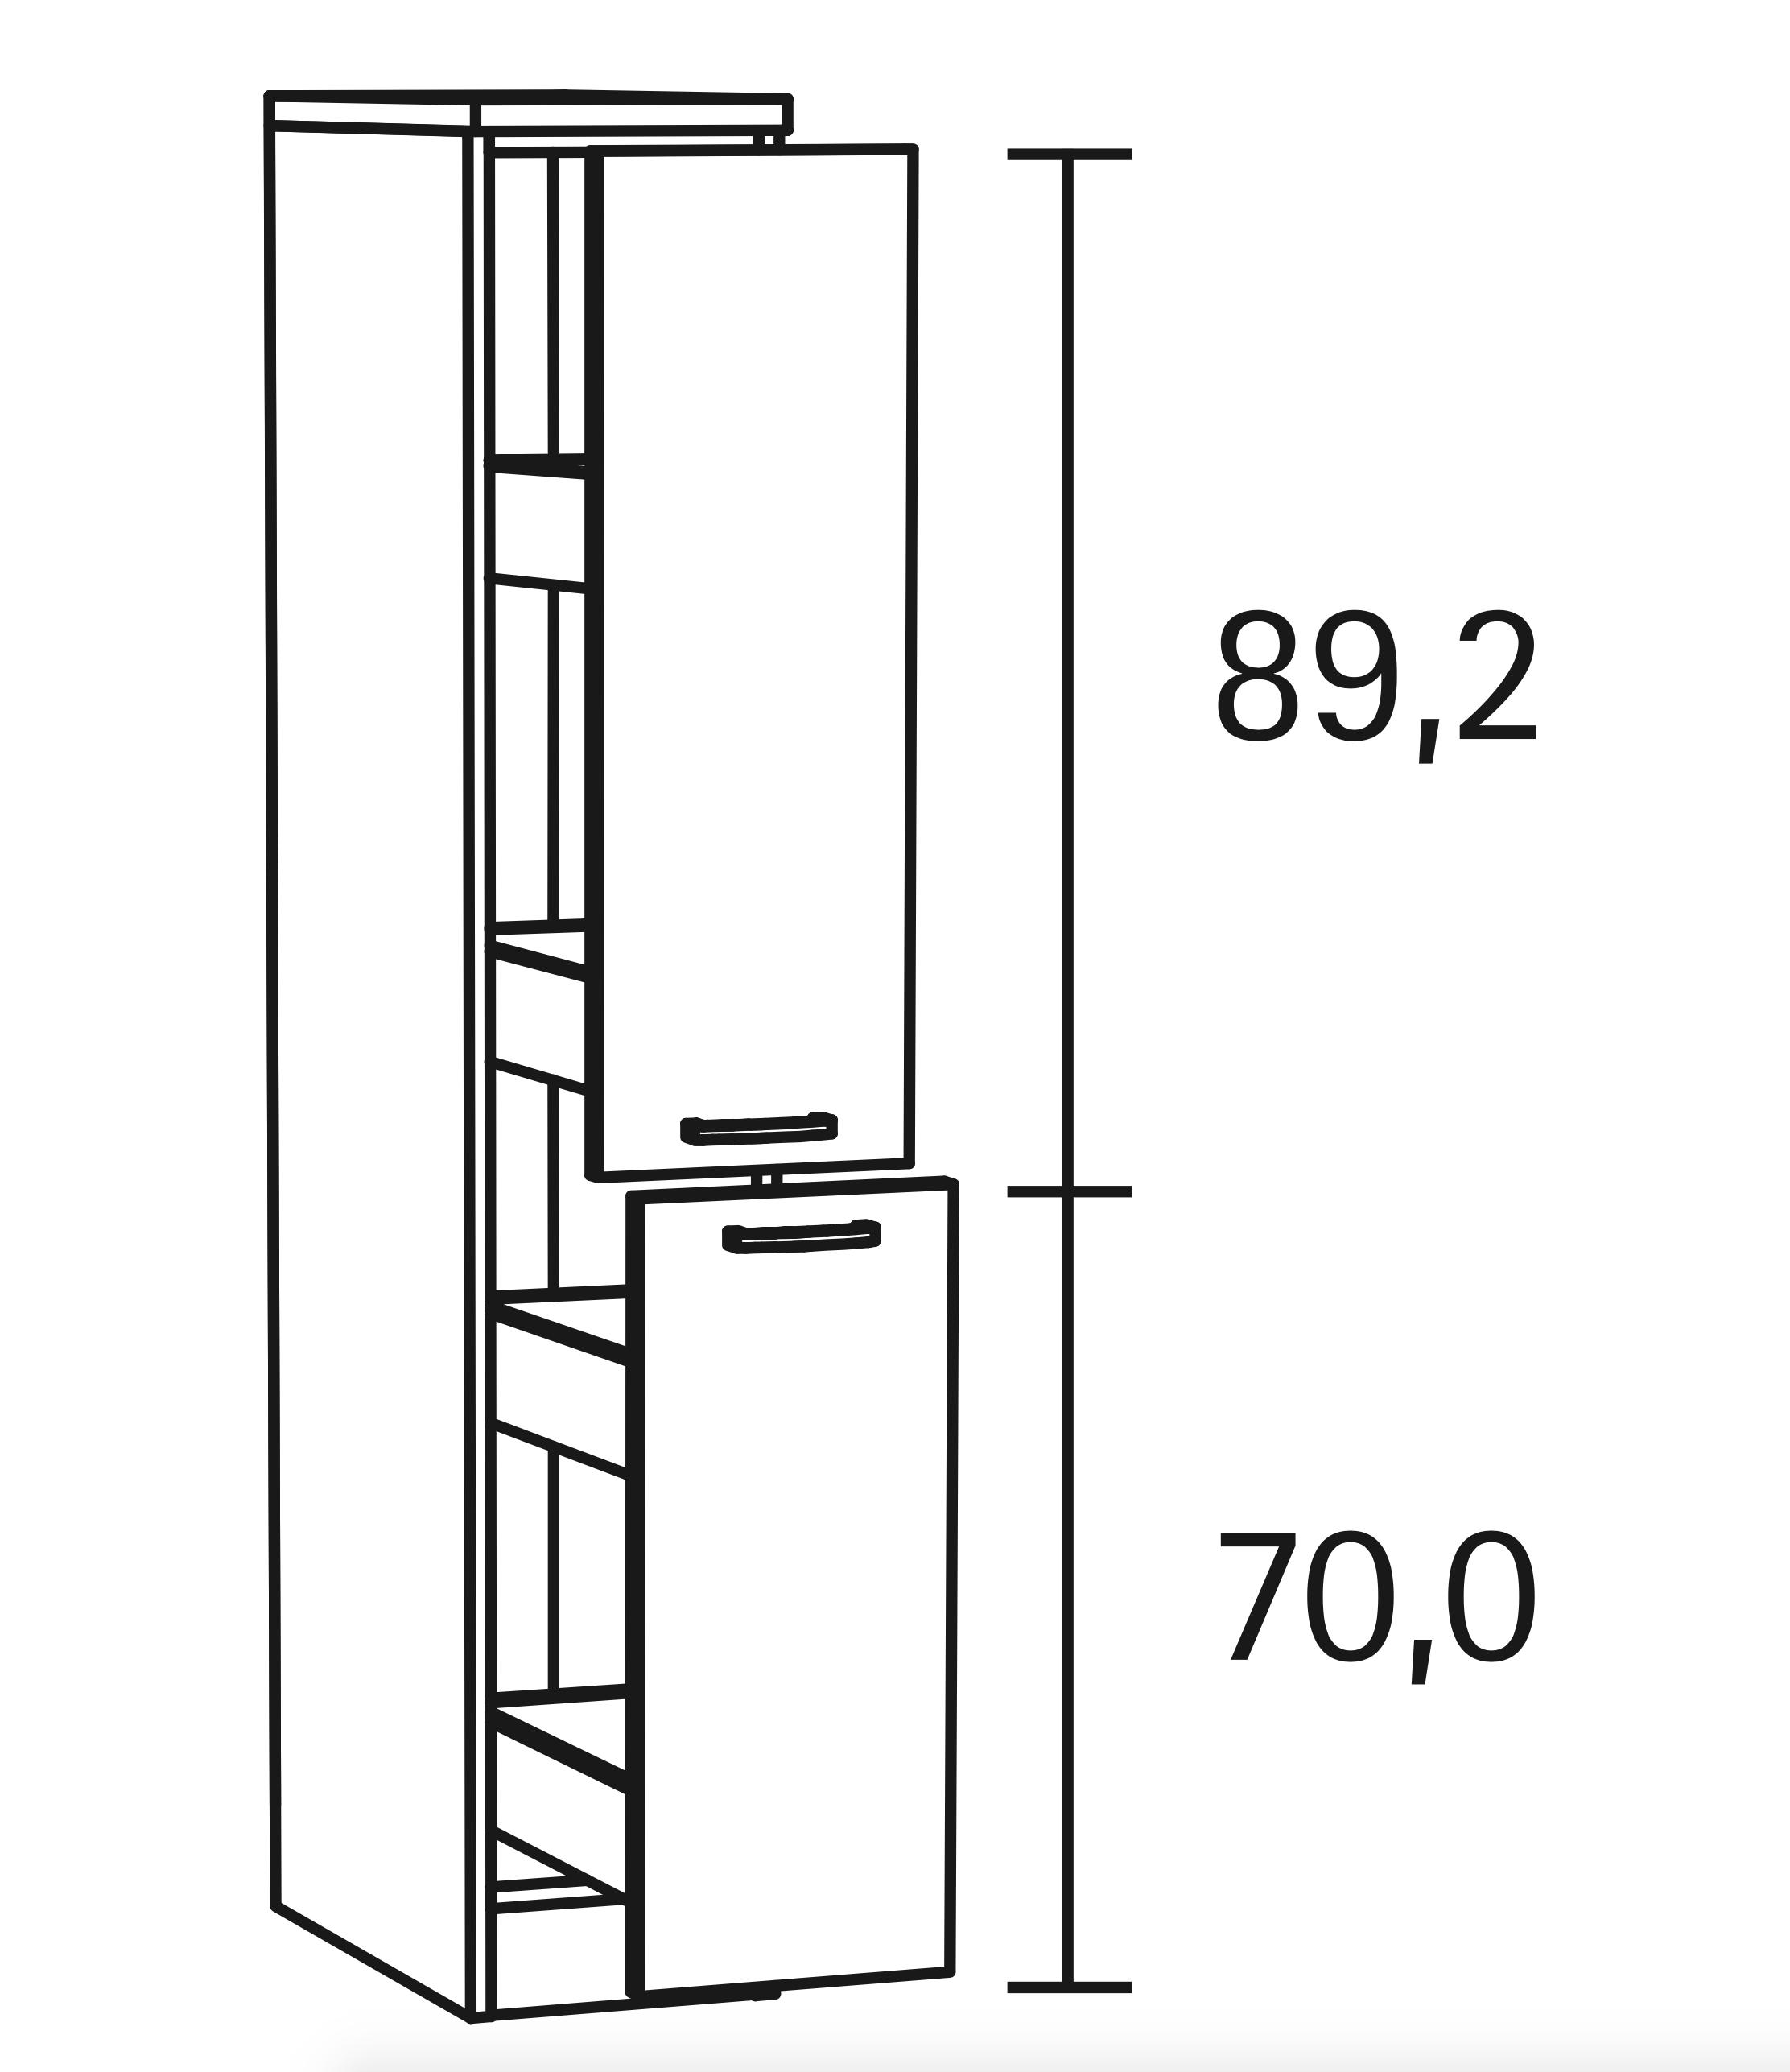 MHFZ306-9